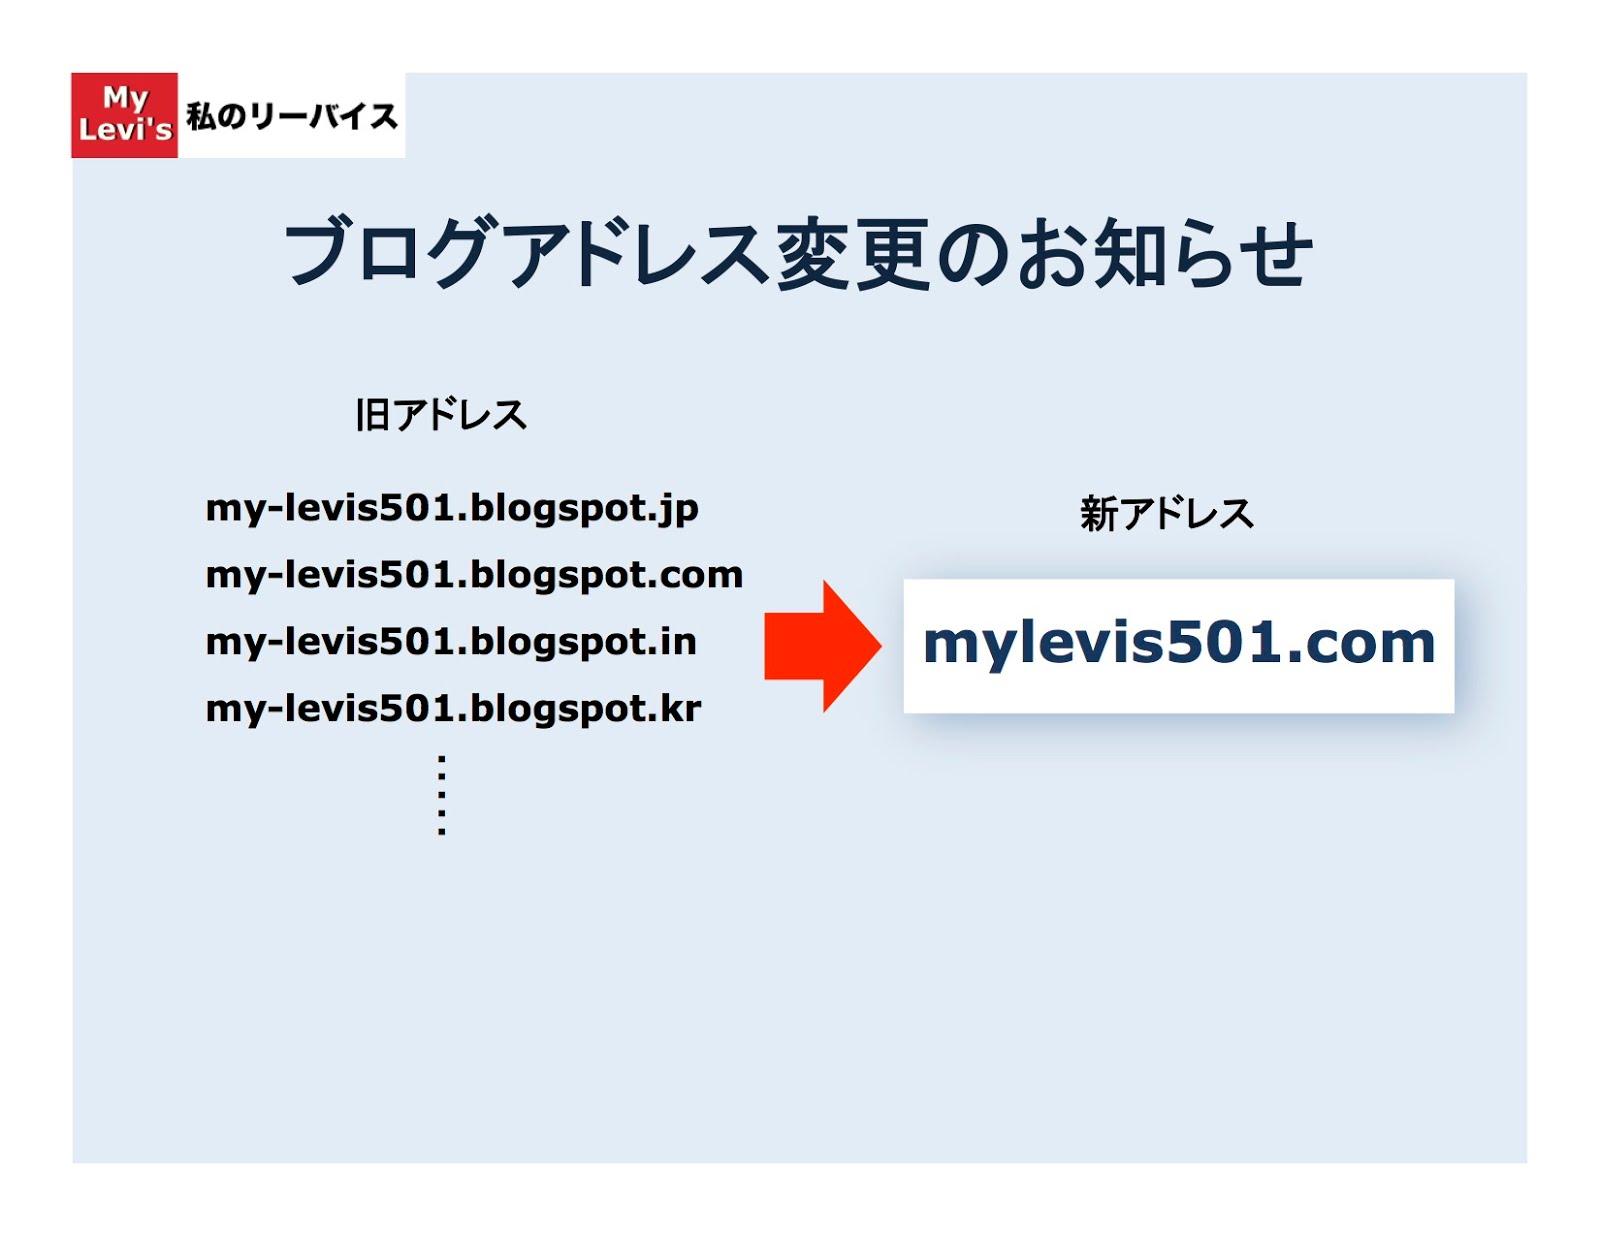 ブログアドレス変更のお知らせ 私のリーバイス